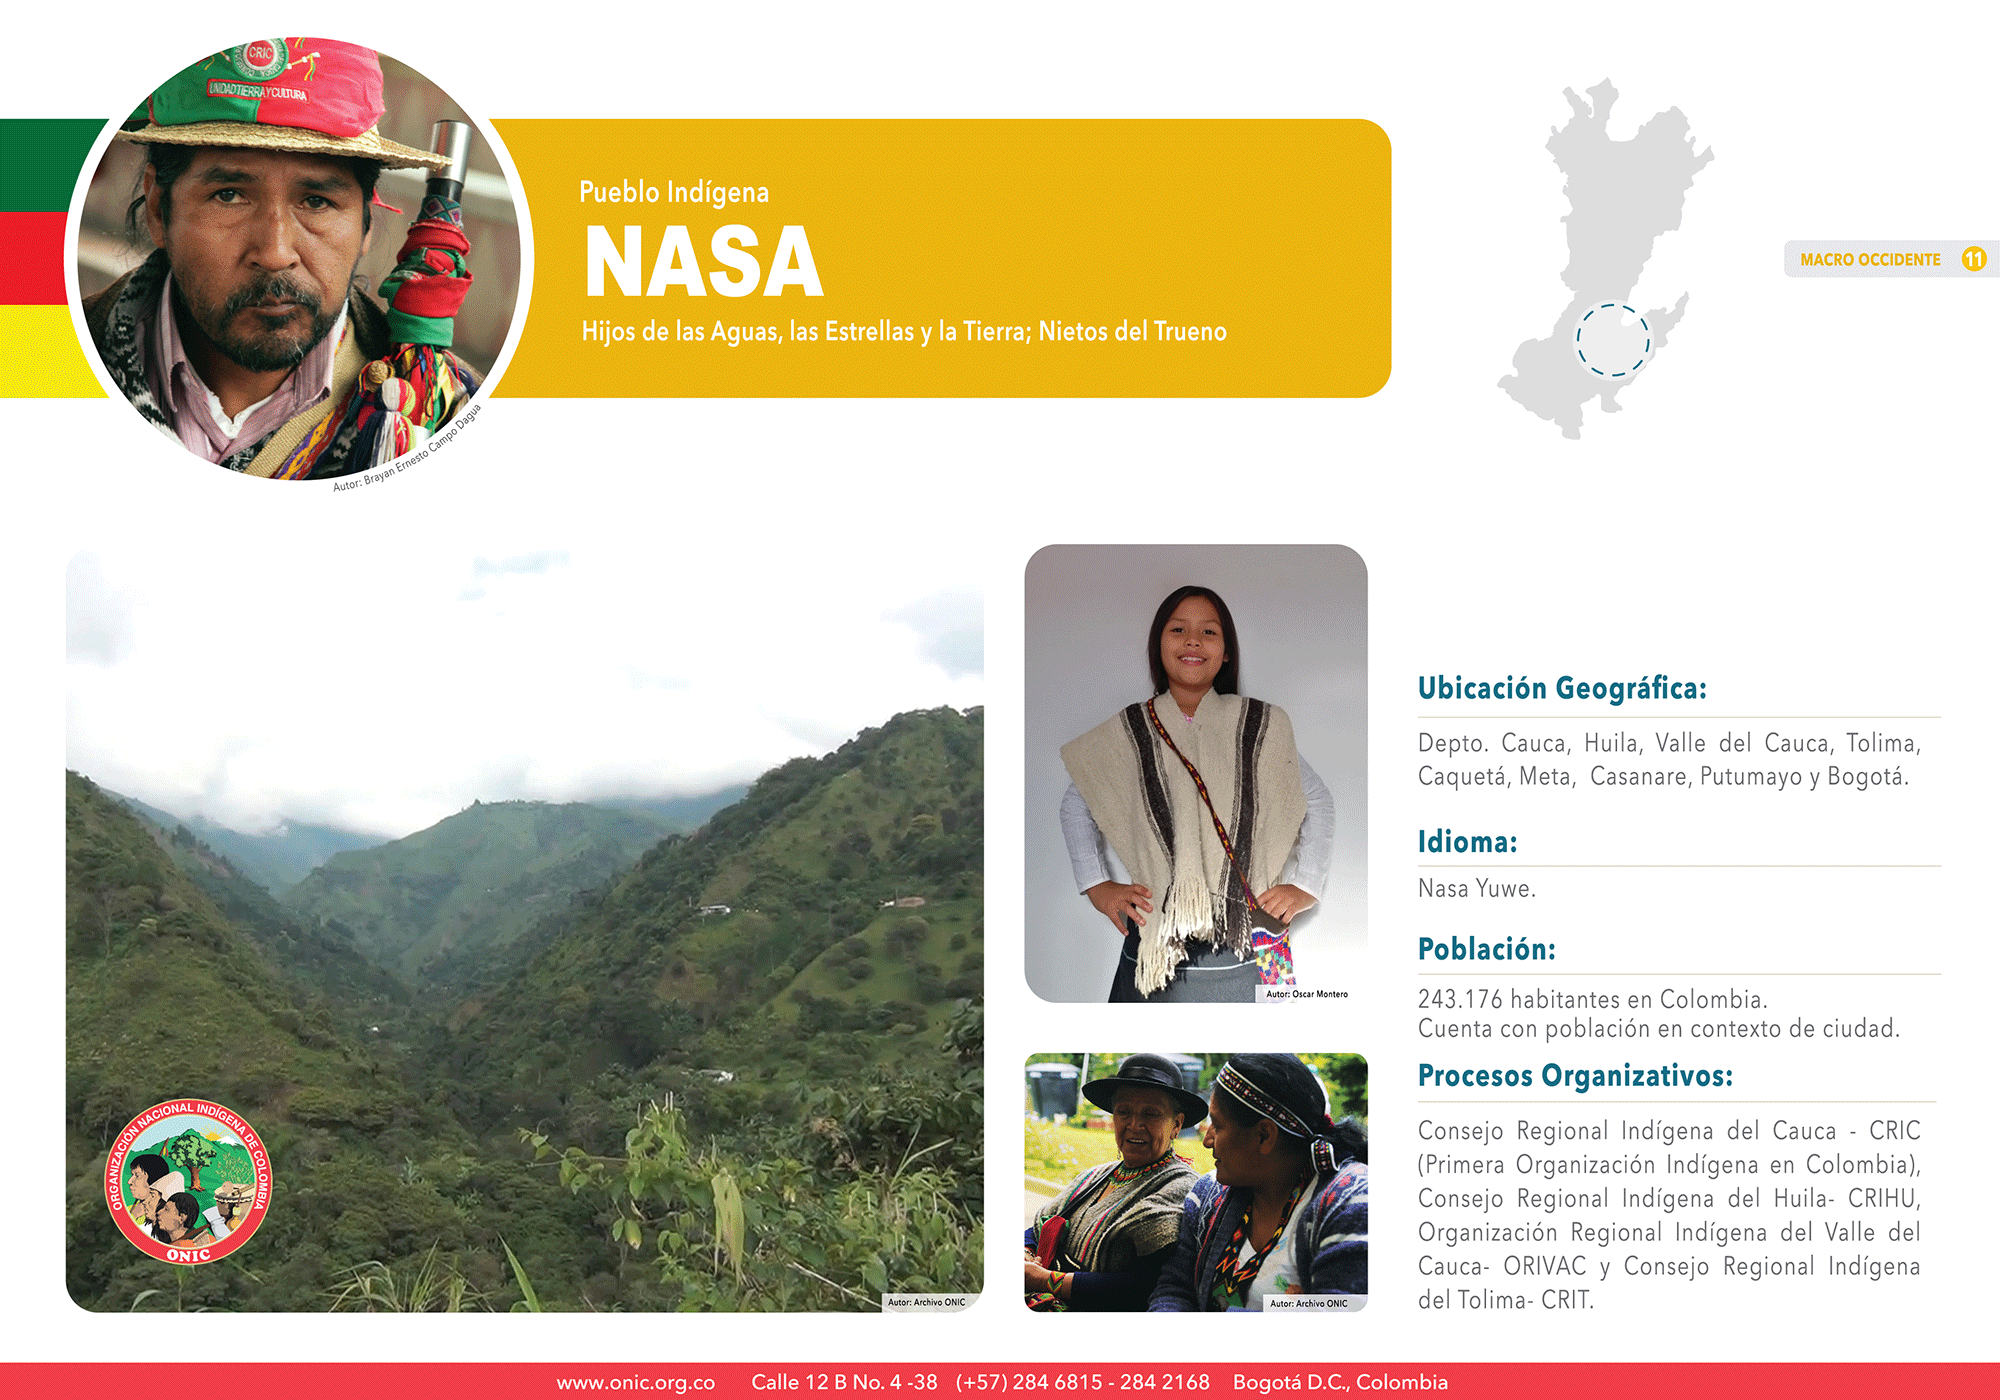 11-NASA-FichaDigital-PueblosIndígenas-ONIC-01